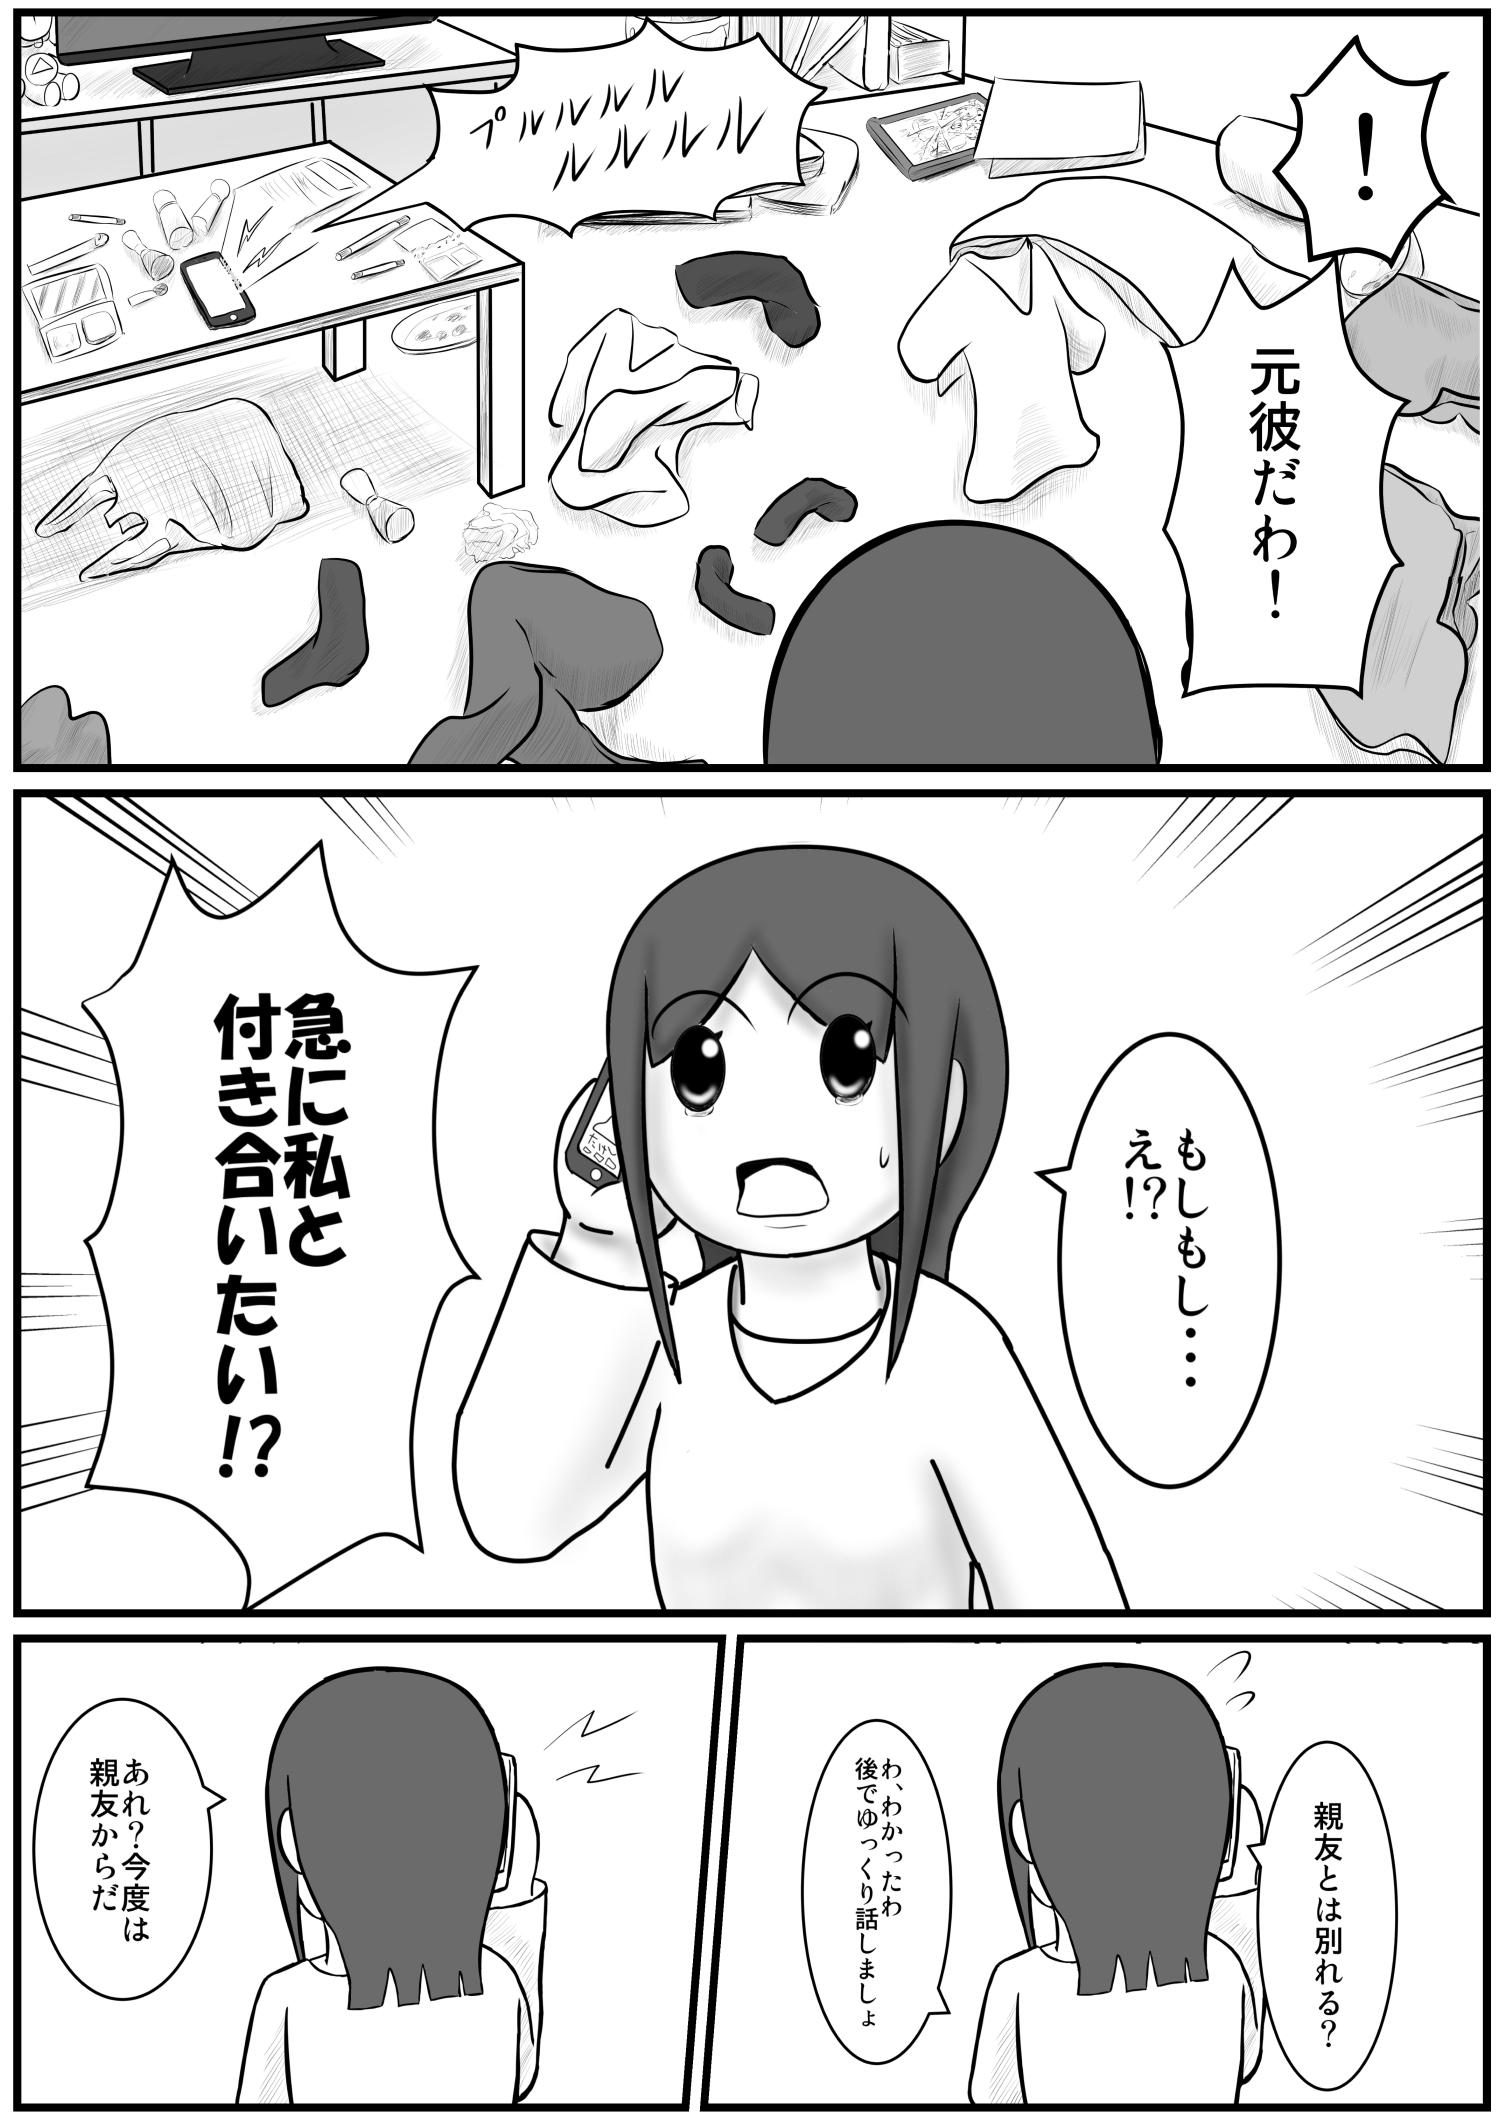 悪魔の勘違い マンガ_013